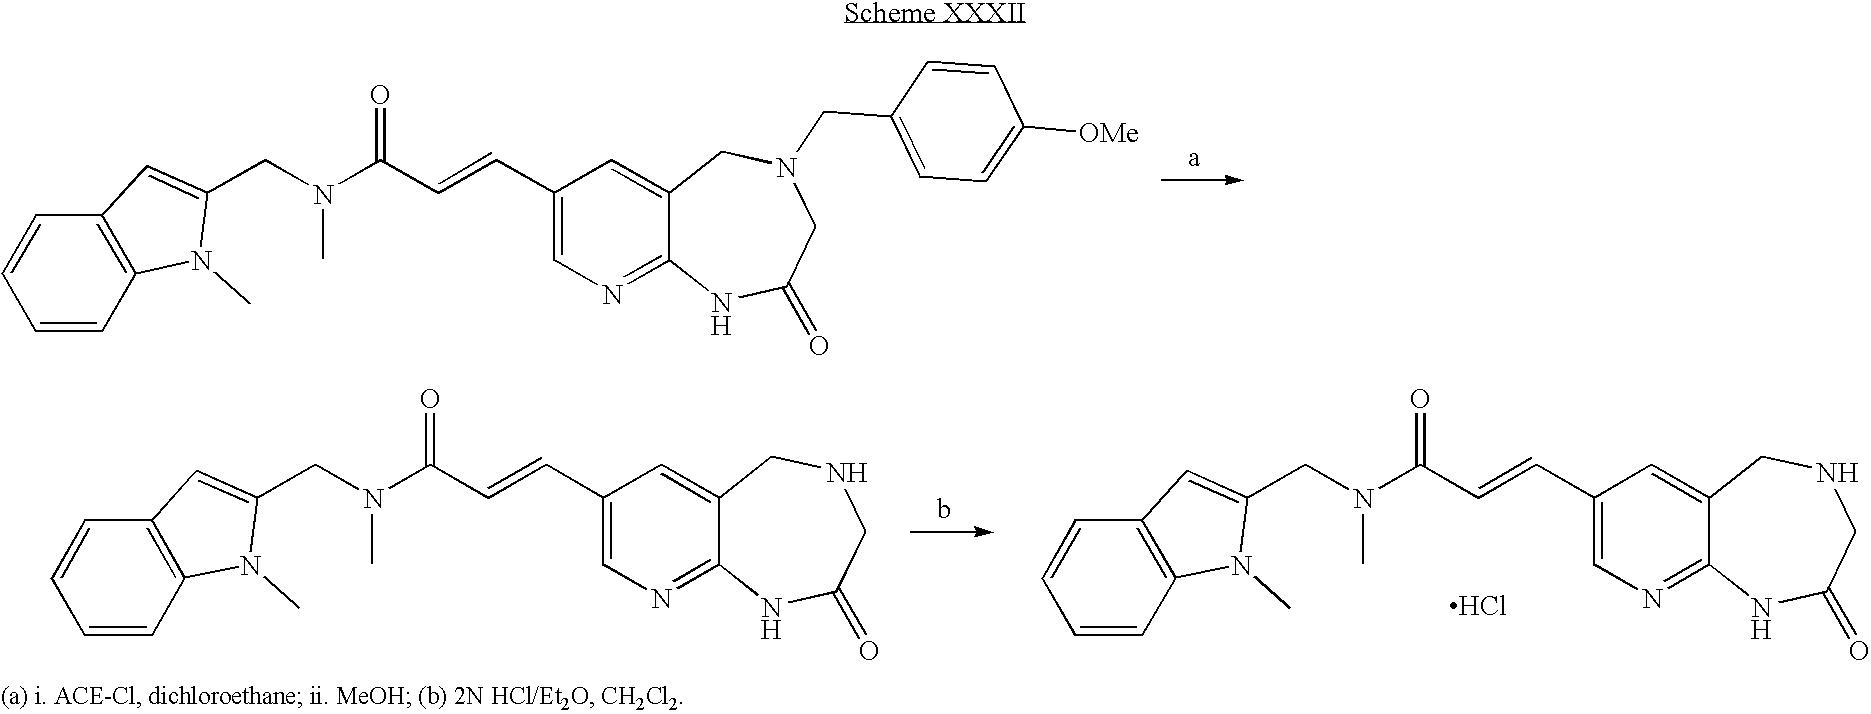 Figure US07790709-20100907-C00063